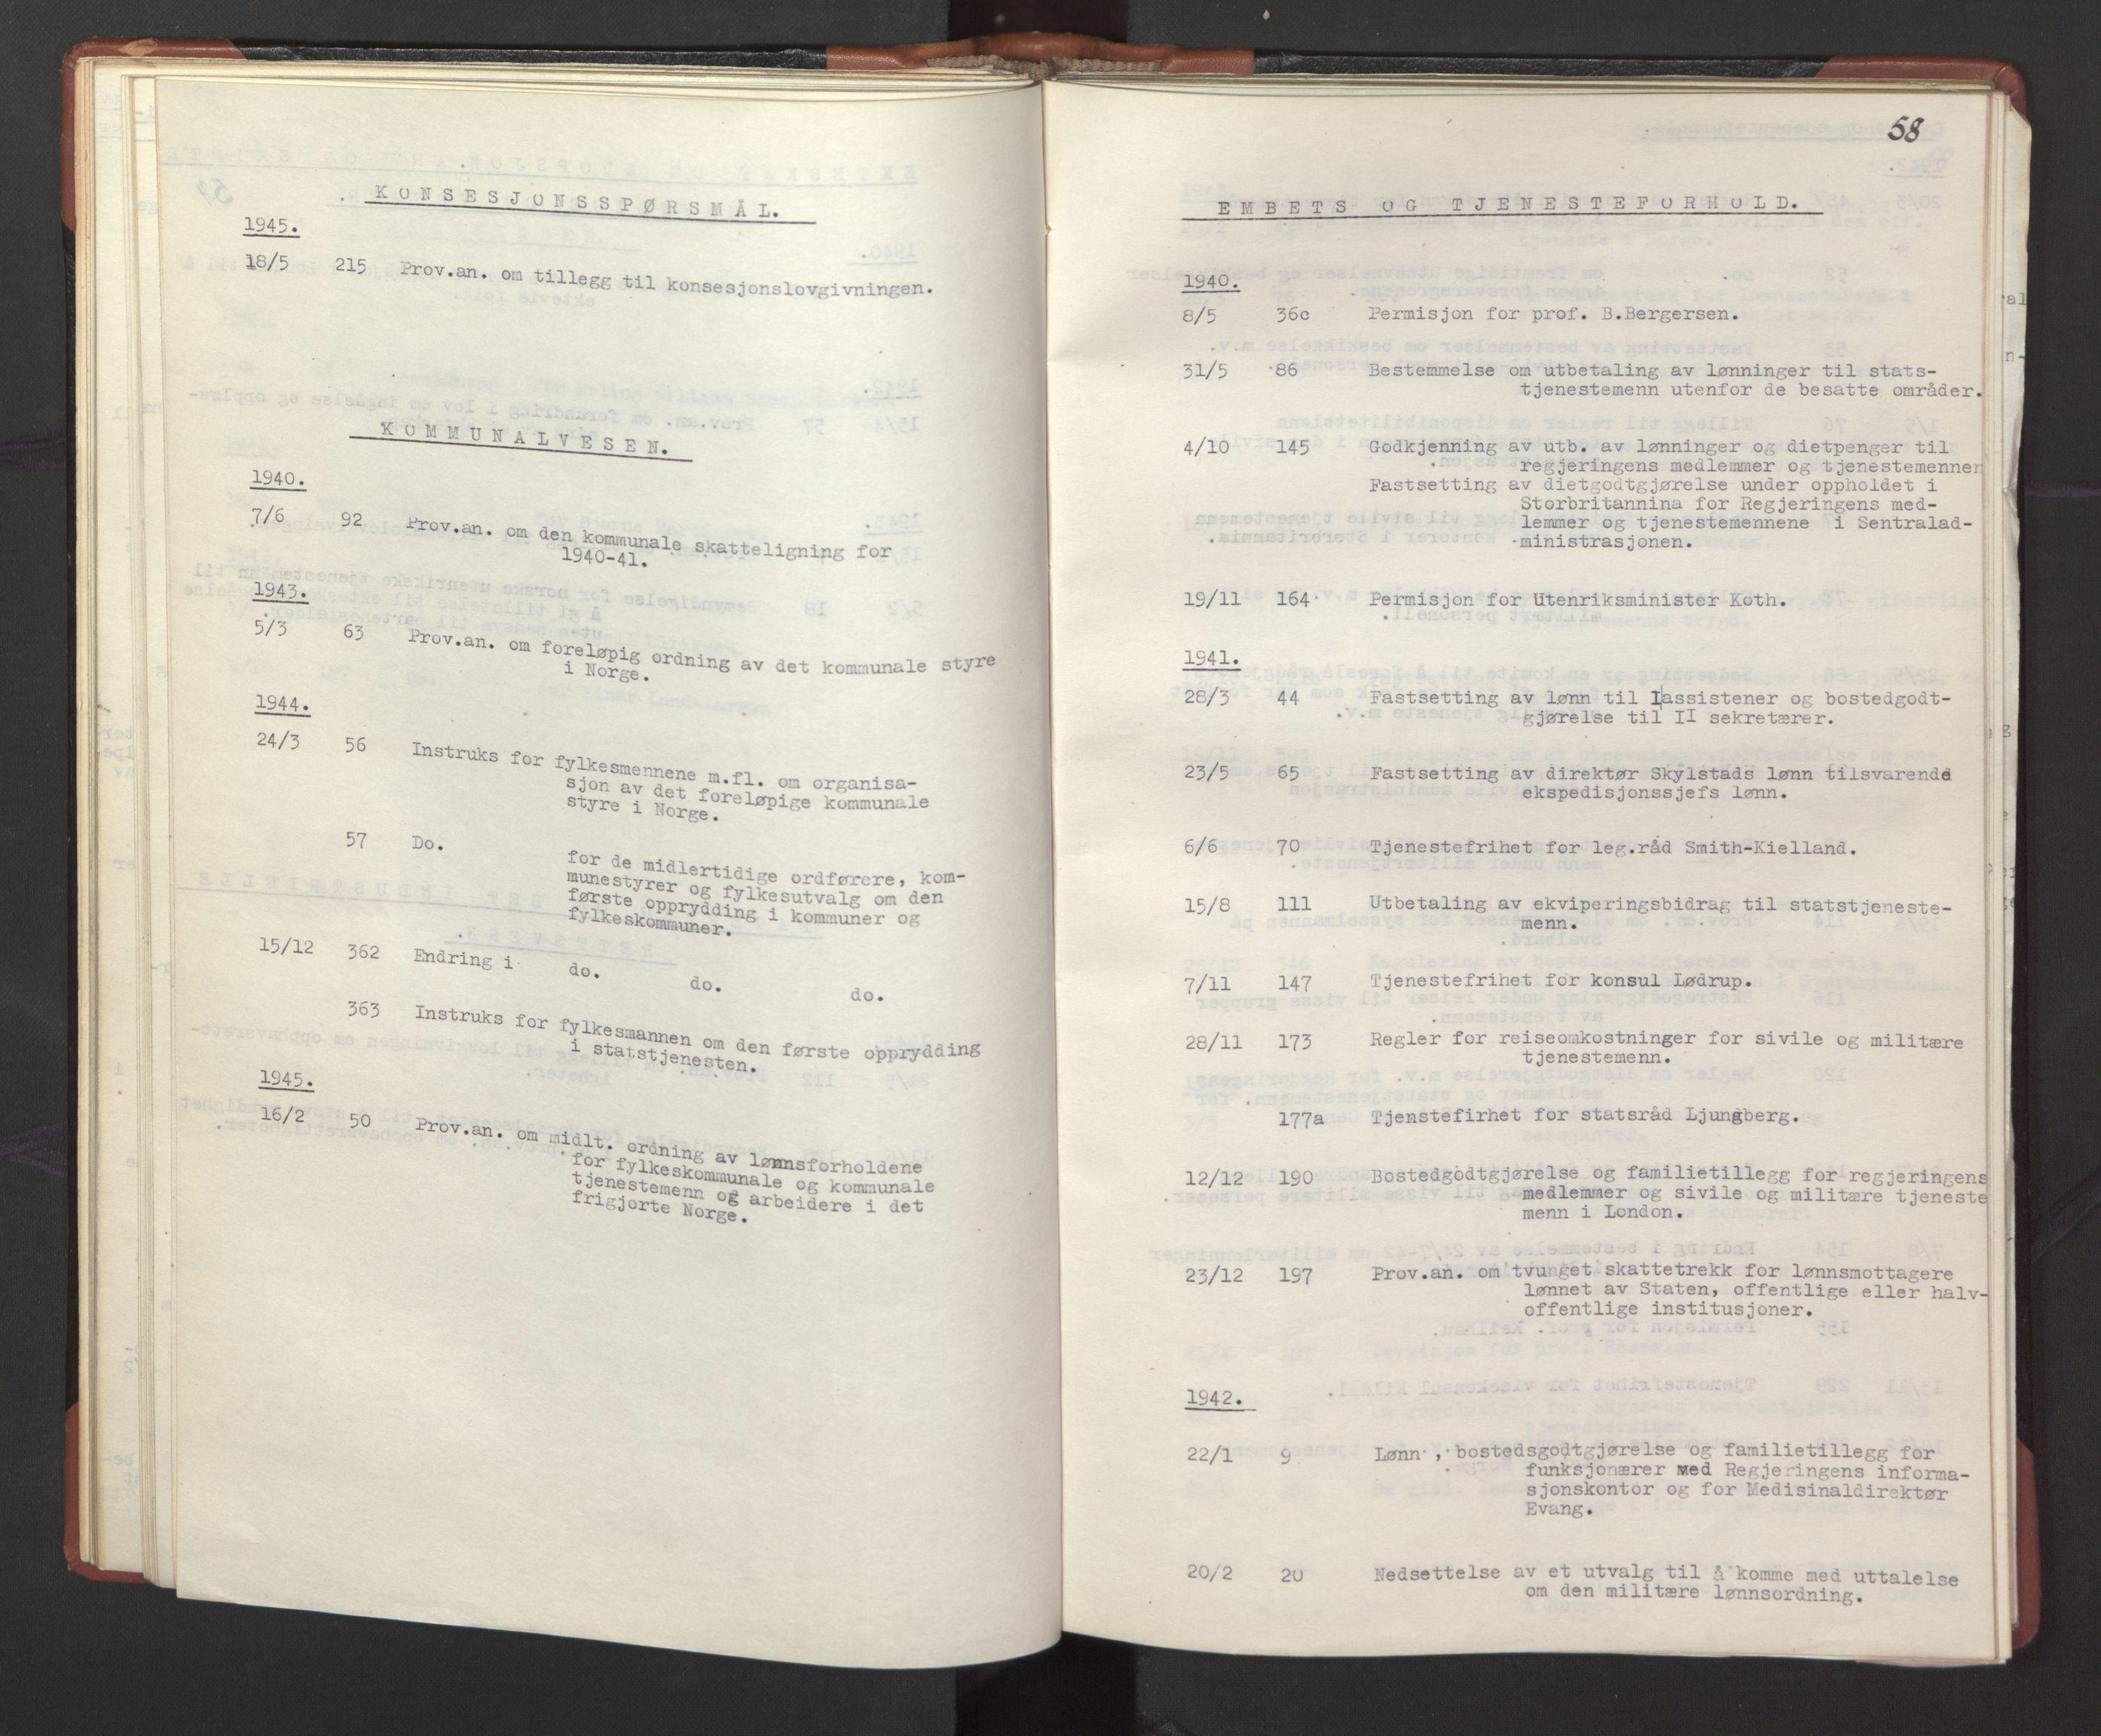 RA, Statsrådssekretariatet, A/Ac/L0127: Register 9/4-25/5, 1940-1945, s. 58